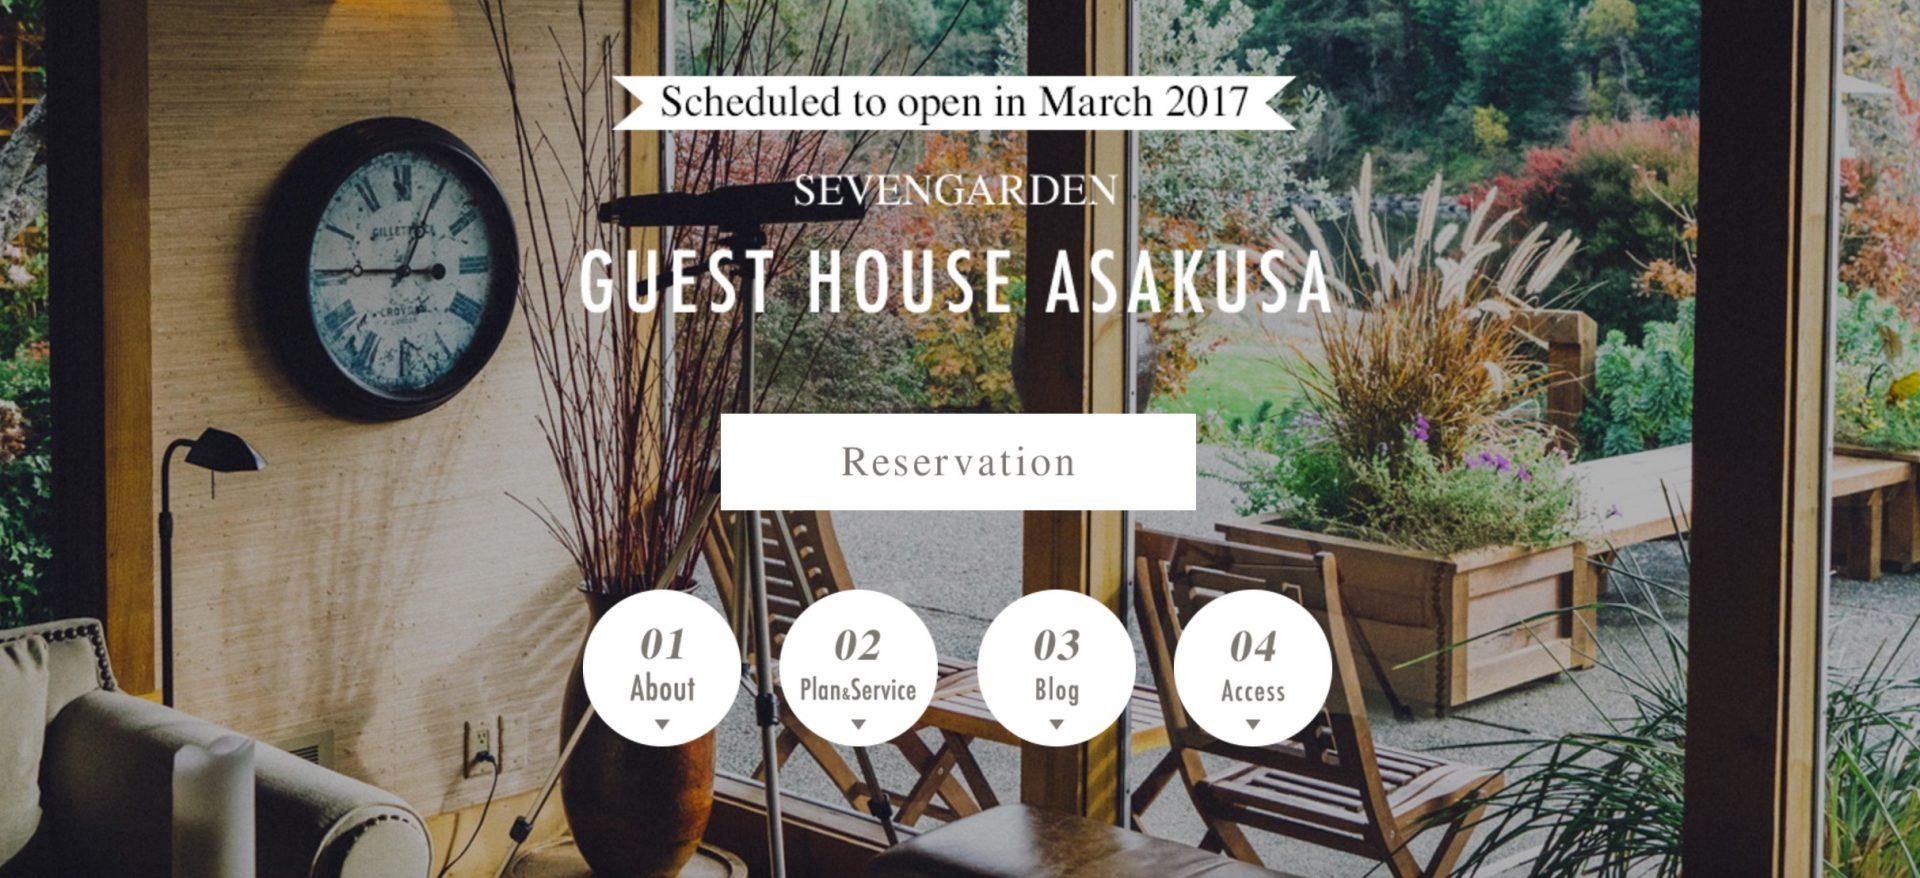 Asakusa guesthouse sevengarden